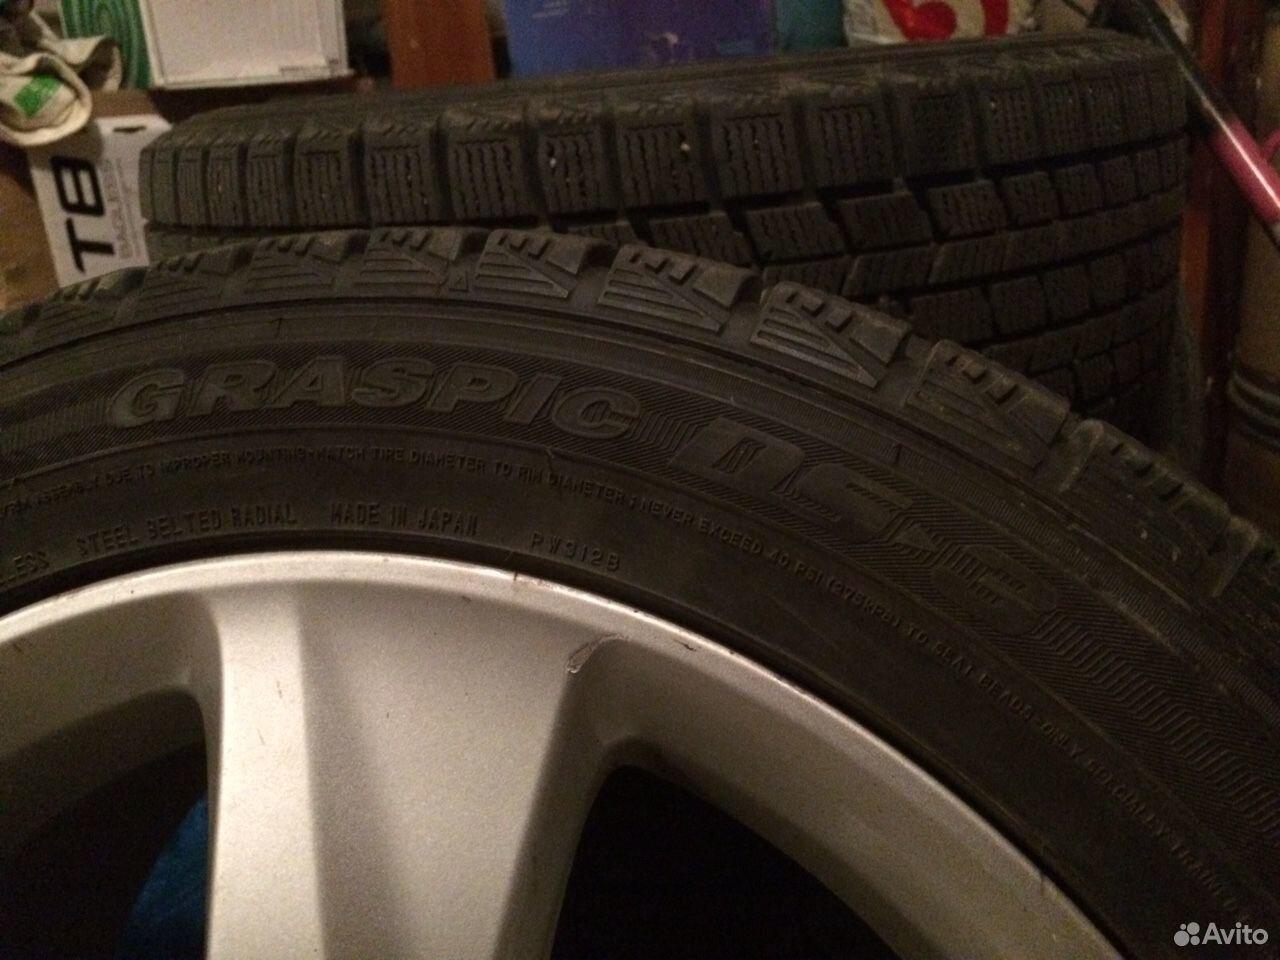 Зимние шины Dunlop Graspic DS3 225 50 r17  89066444959 купить 2